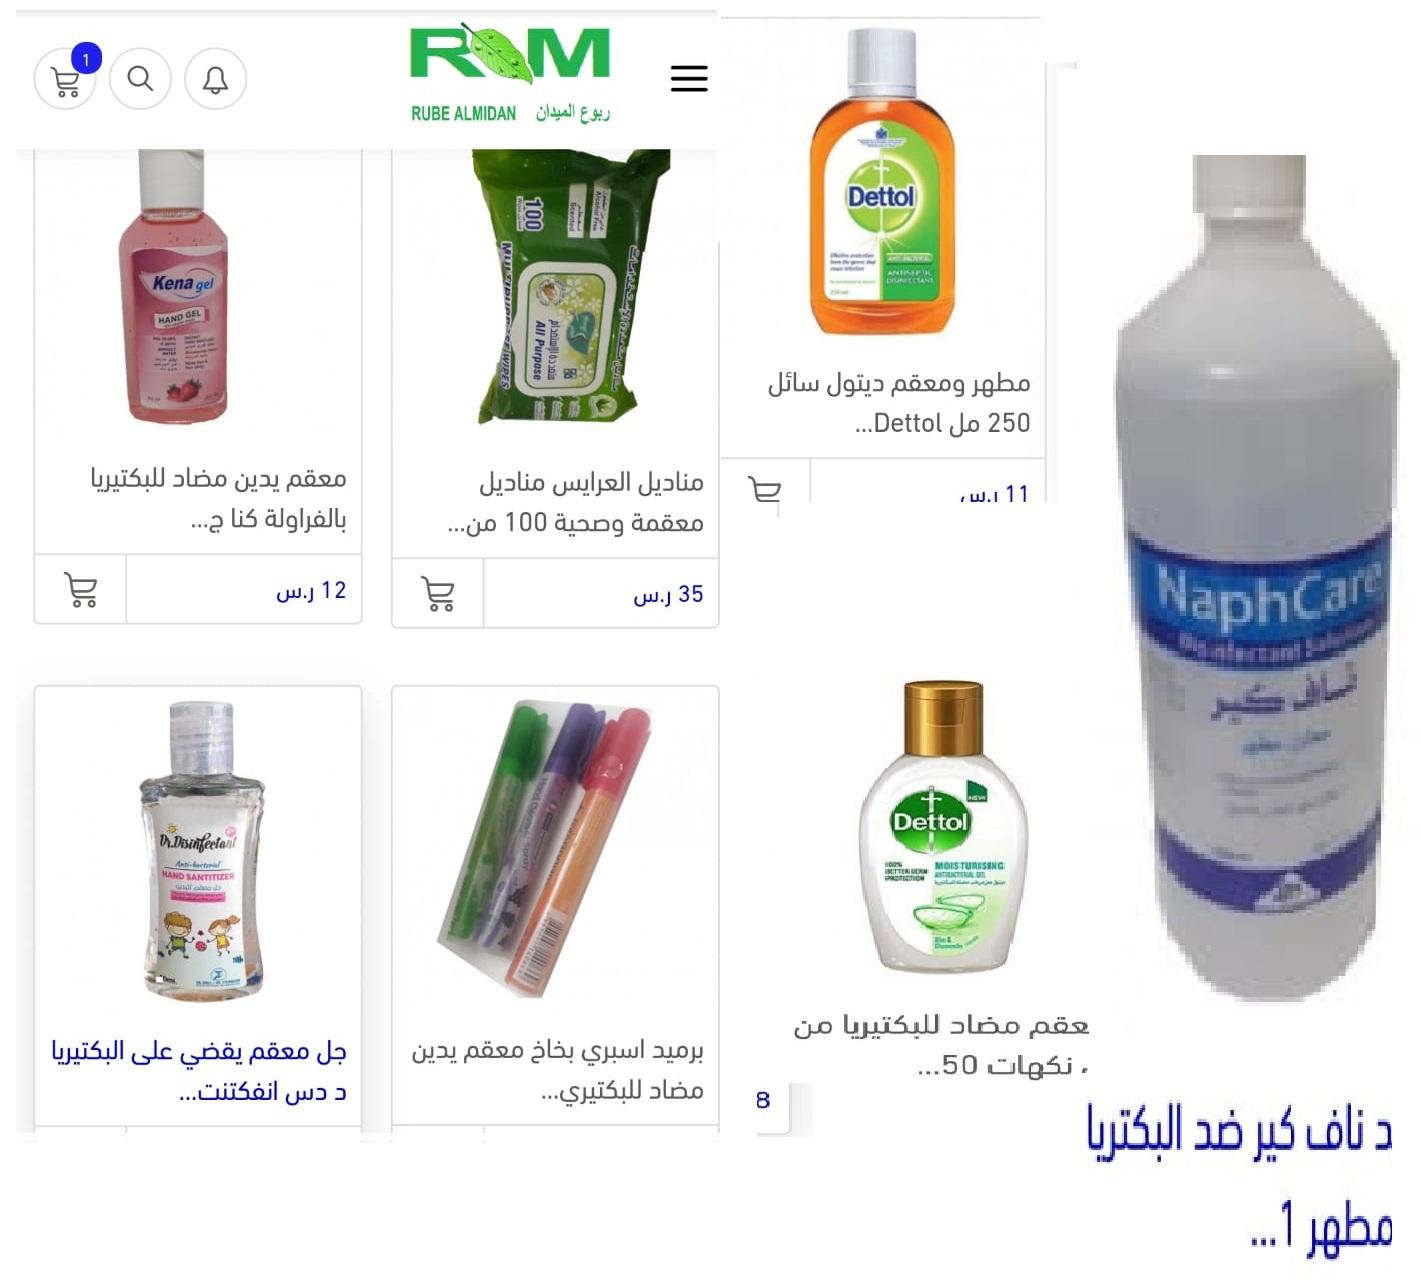 معقم يدين مضاد للبكتيريا بالفراولة كنا جل 50 مل Antibacterial Hands Hibat Al Sama